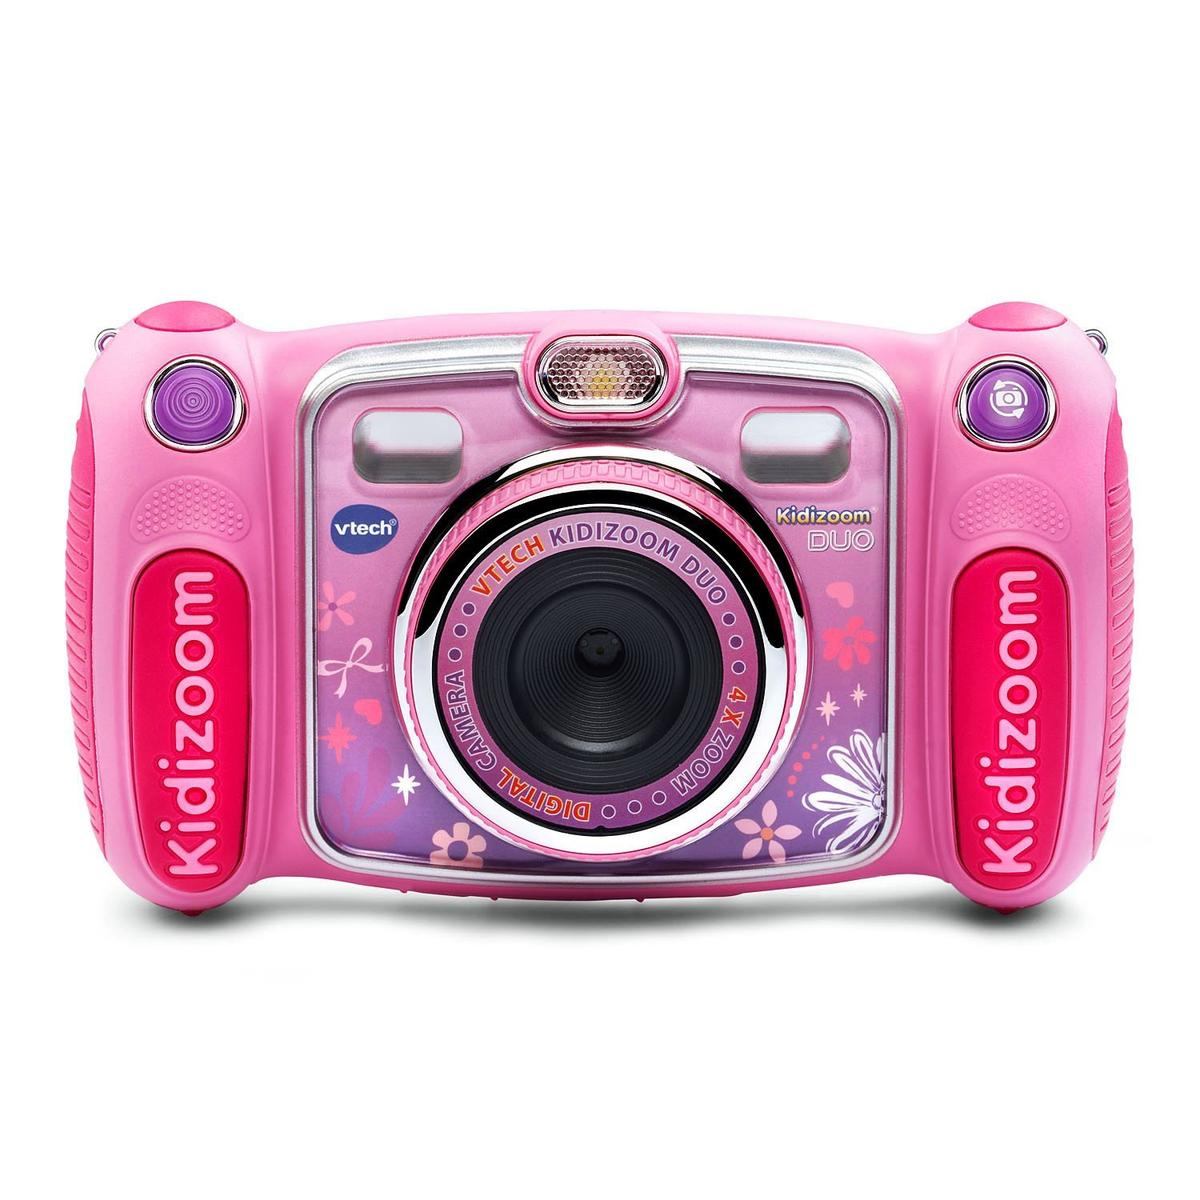 VTech 子供 カメラ Kidizoom DUO Selfie ピンク ブルー グリーン 海外 電子玩具